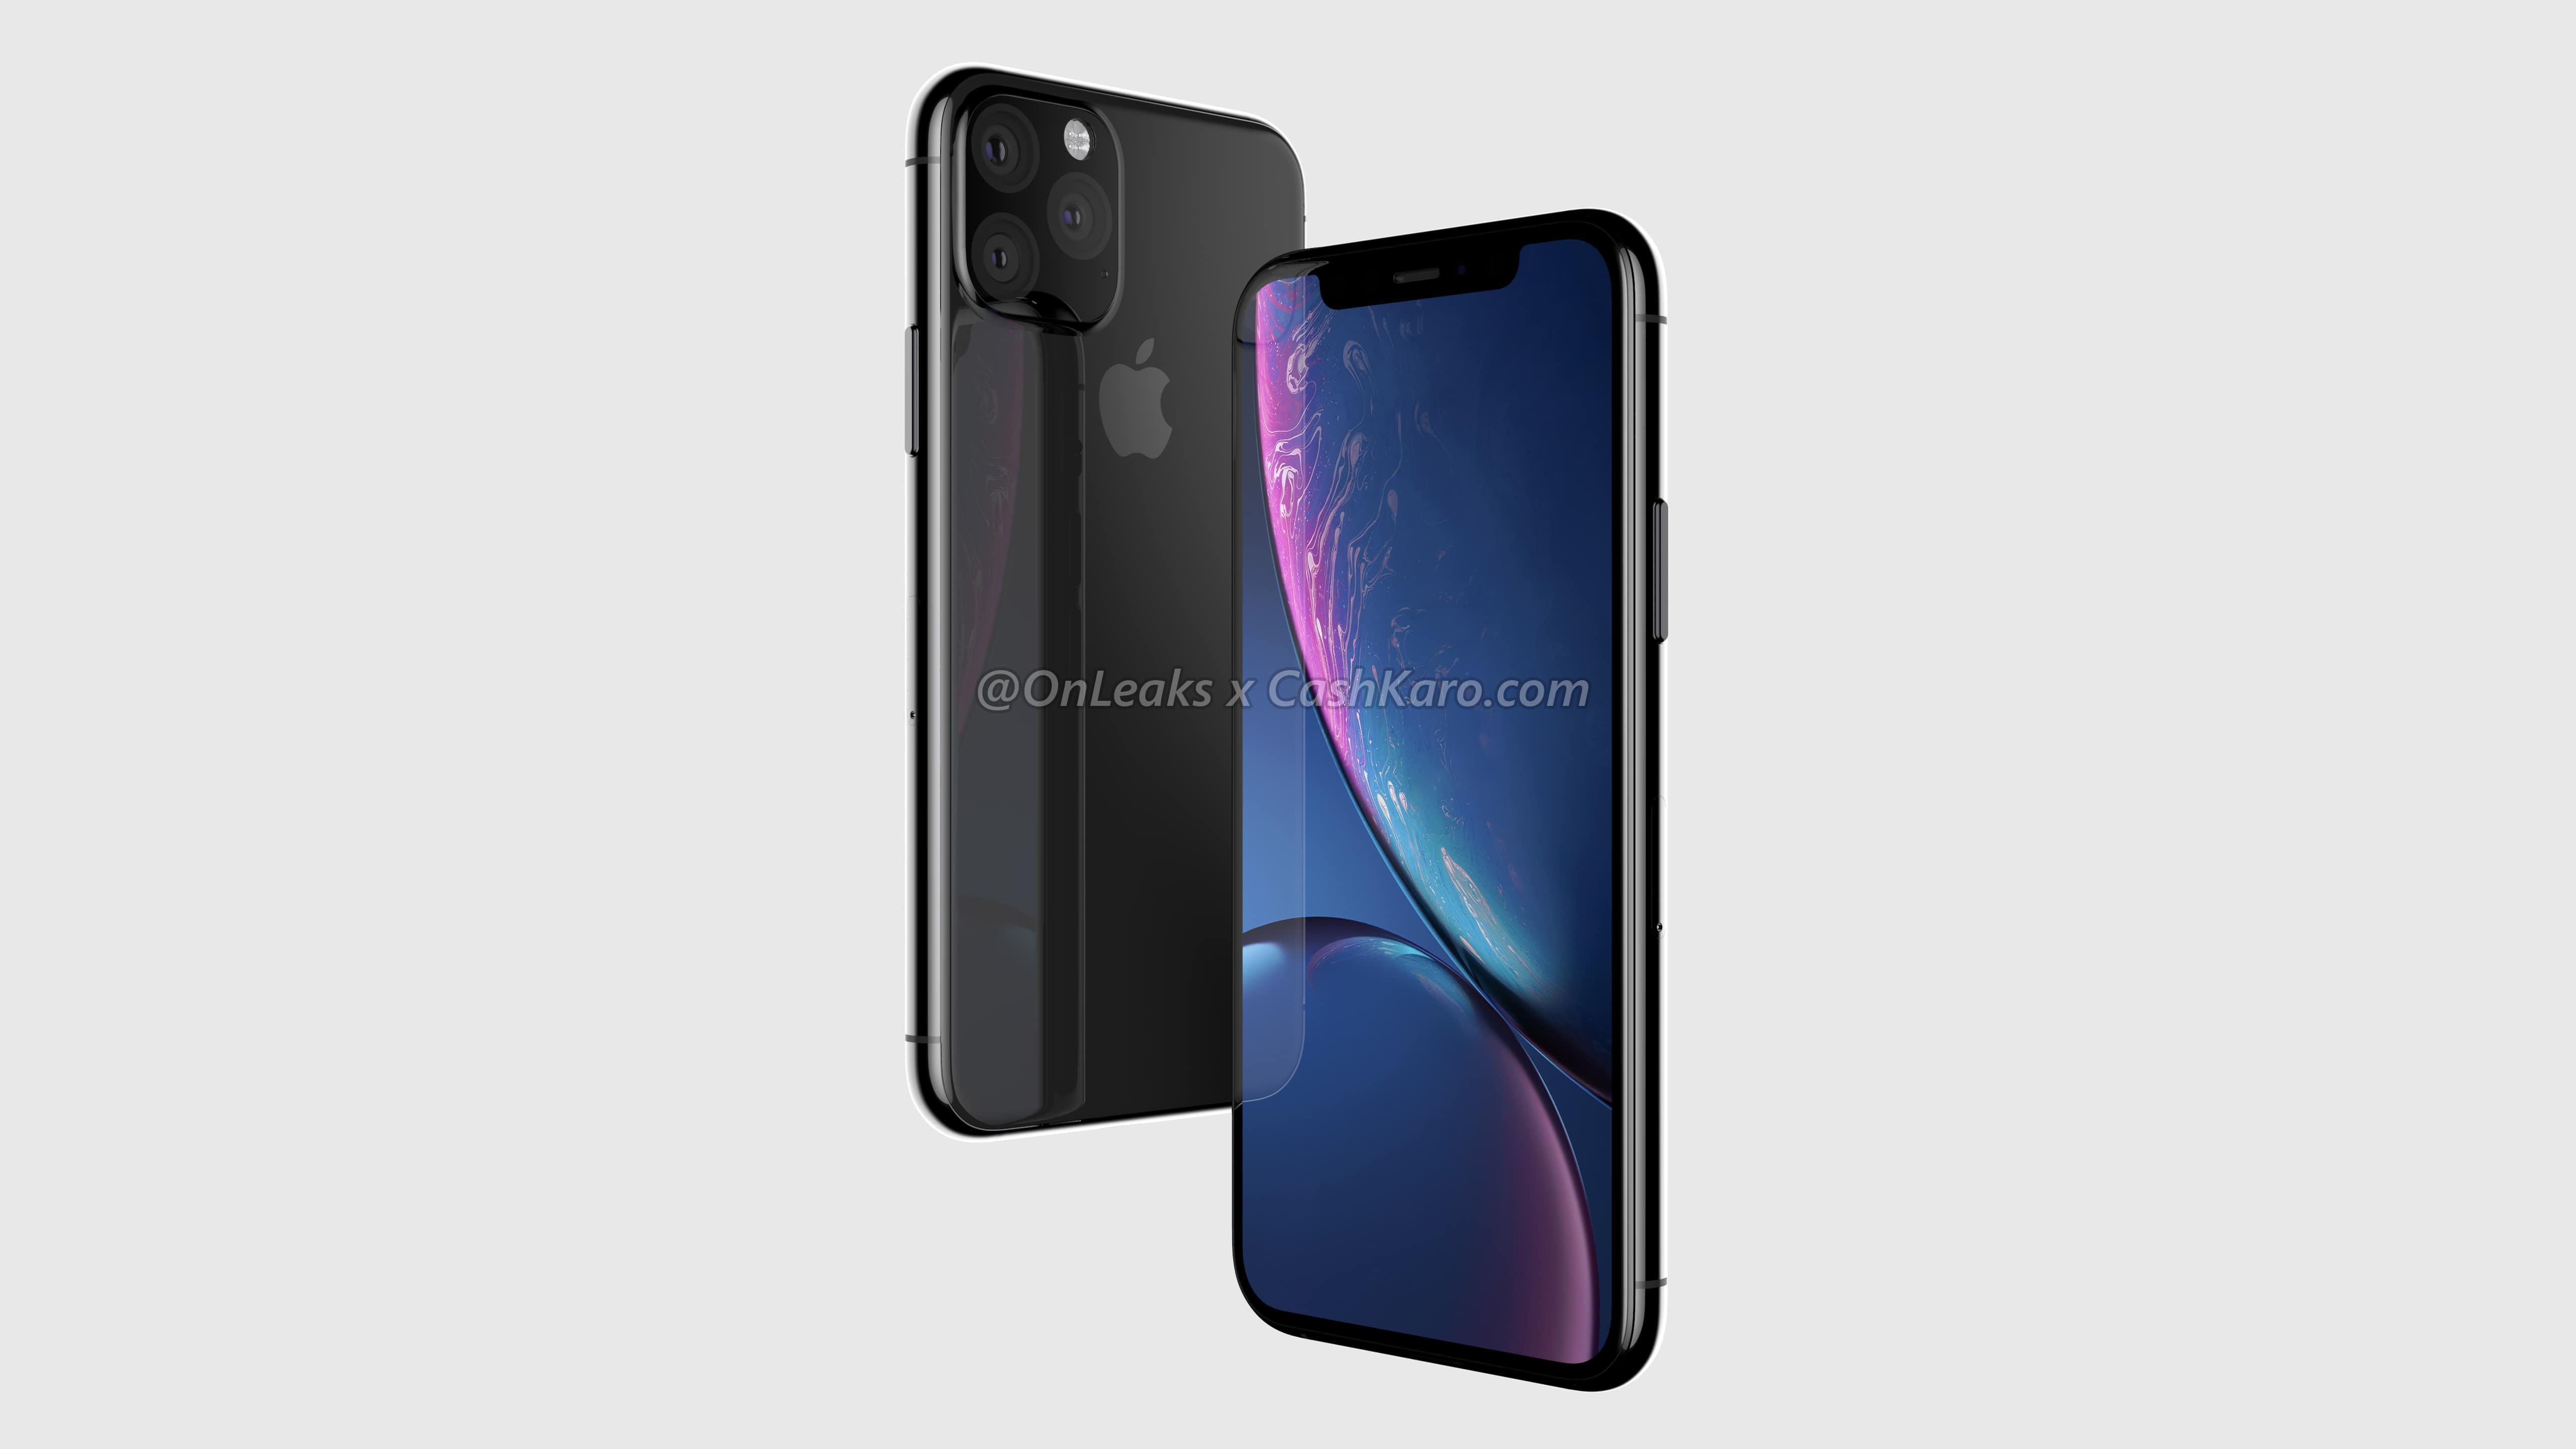 Les iPhones 2019 en images : arrière intégralement en verre, dimensions, etc. (vidéo) 1